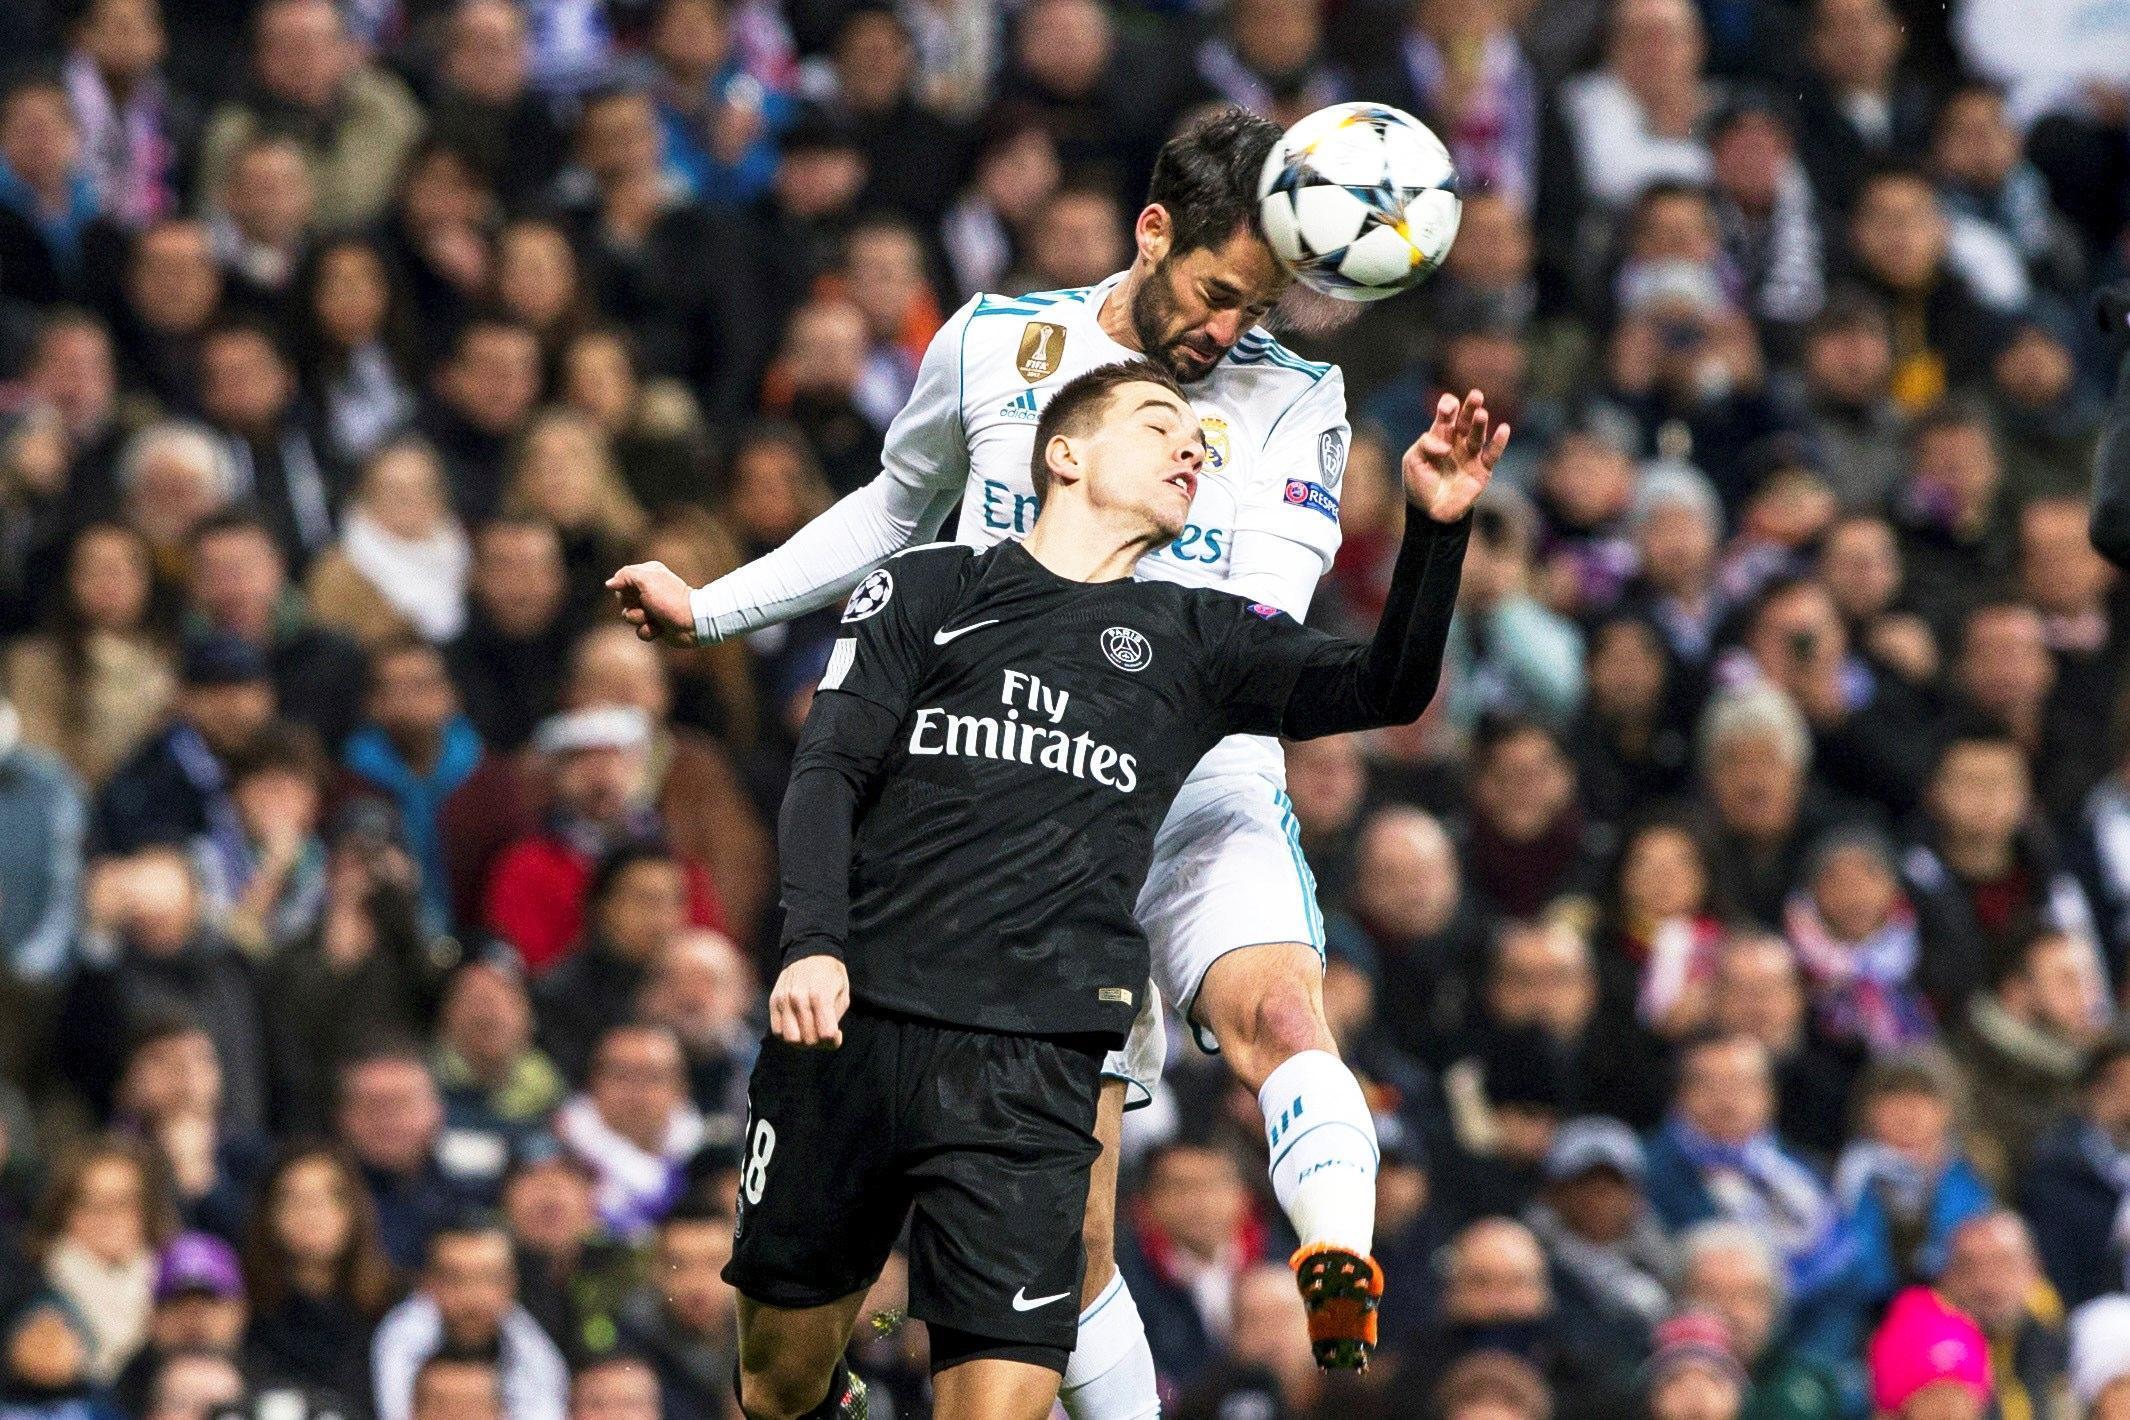 Gol, emozioni e spettacolo al Bernabeu come da copione. Il Real Madrid vince 3-1 in rimonta contro il Psg e ipoteca il passaggio ai quarti di finale di Champions League. I parigini sbloccano il match al 33' con Rabiot, ma nel finale di tempo Ronaldo pareggia su rigore (dubbio). Nella ripresa i francesi spaventano a più riprese gli spagnoli, ma nel finale crollano sotto i colpi di CR7 (83') e Marcelo (86'). Il 6 marzo il ritorno a Parigi.